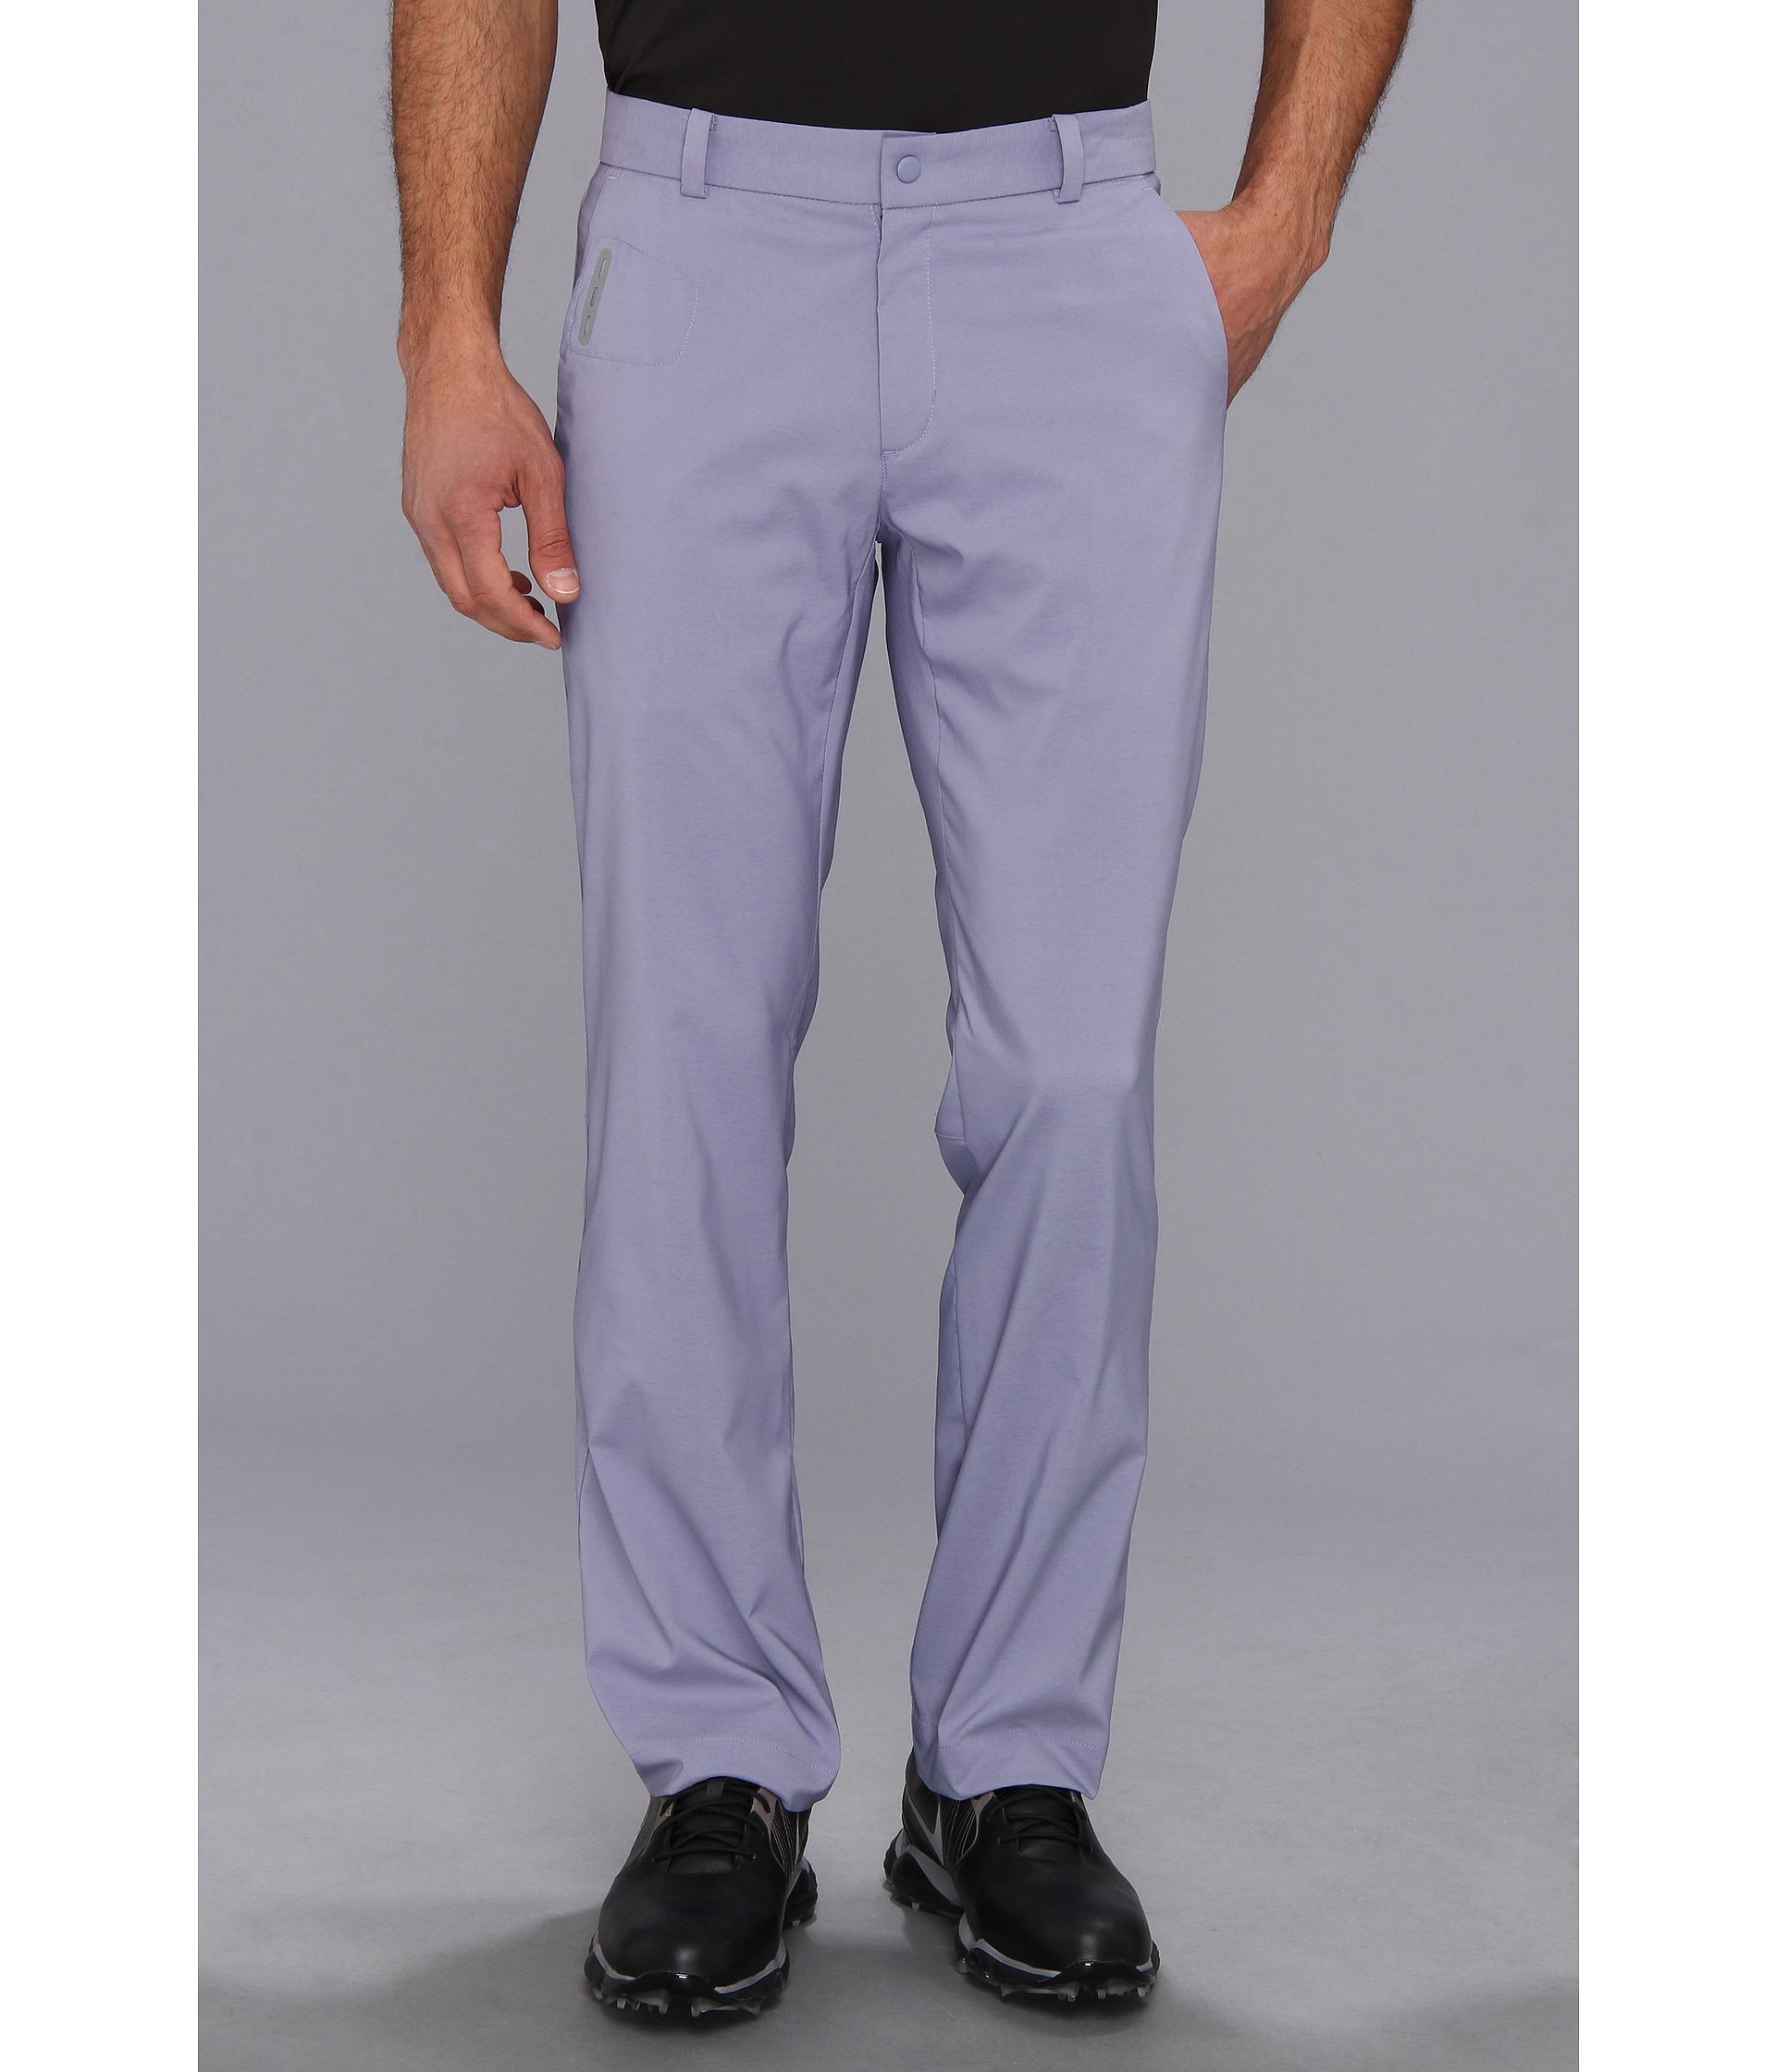 dc4212806c8b Lyst - Nike Modern Tech Pant in Purple for Men